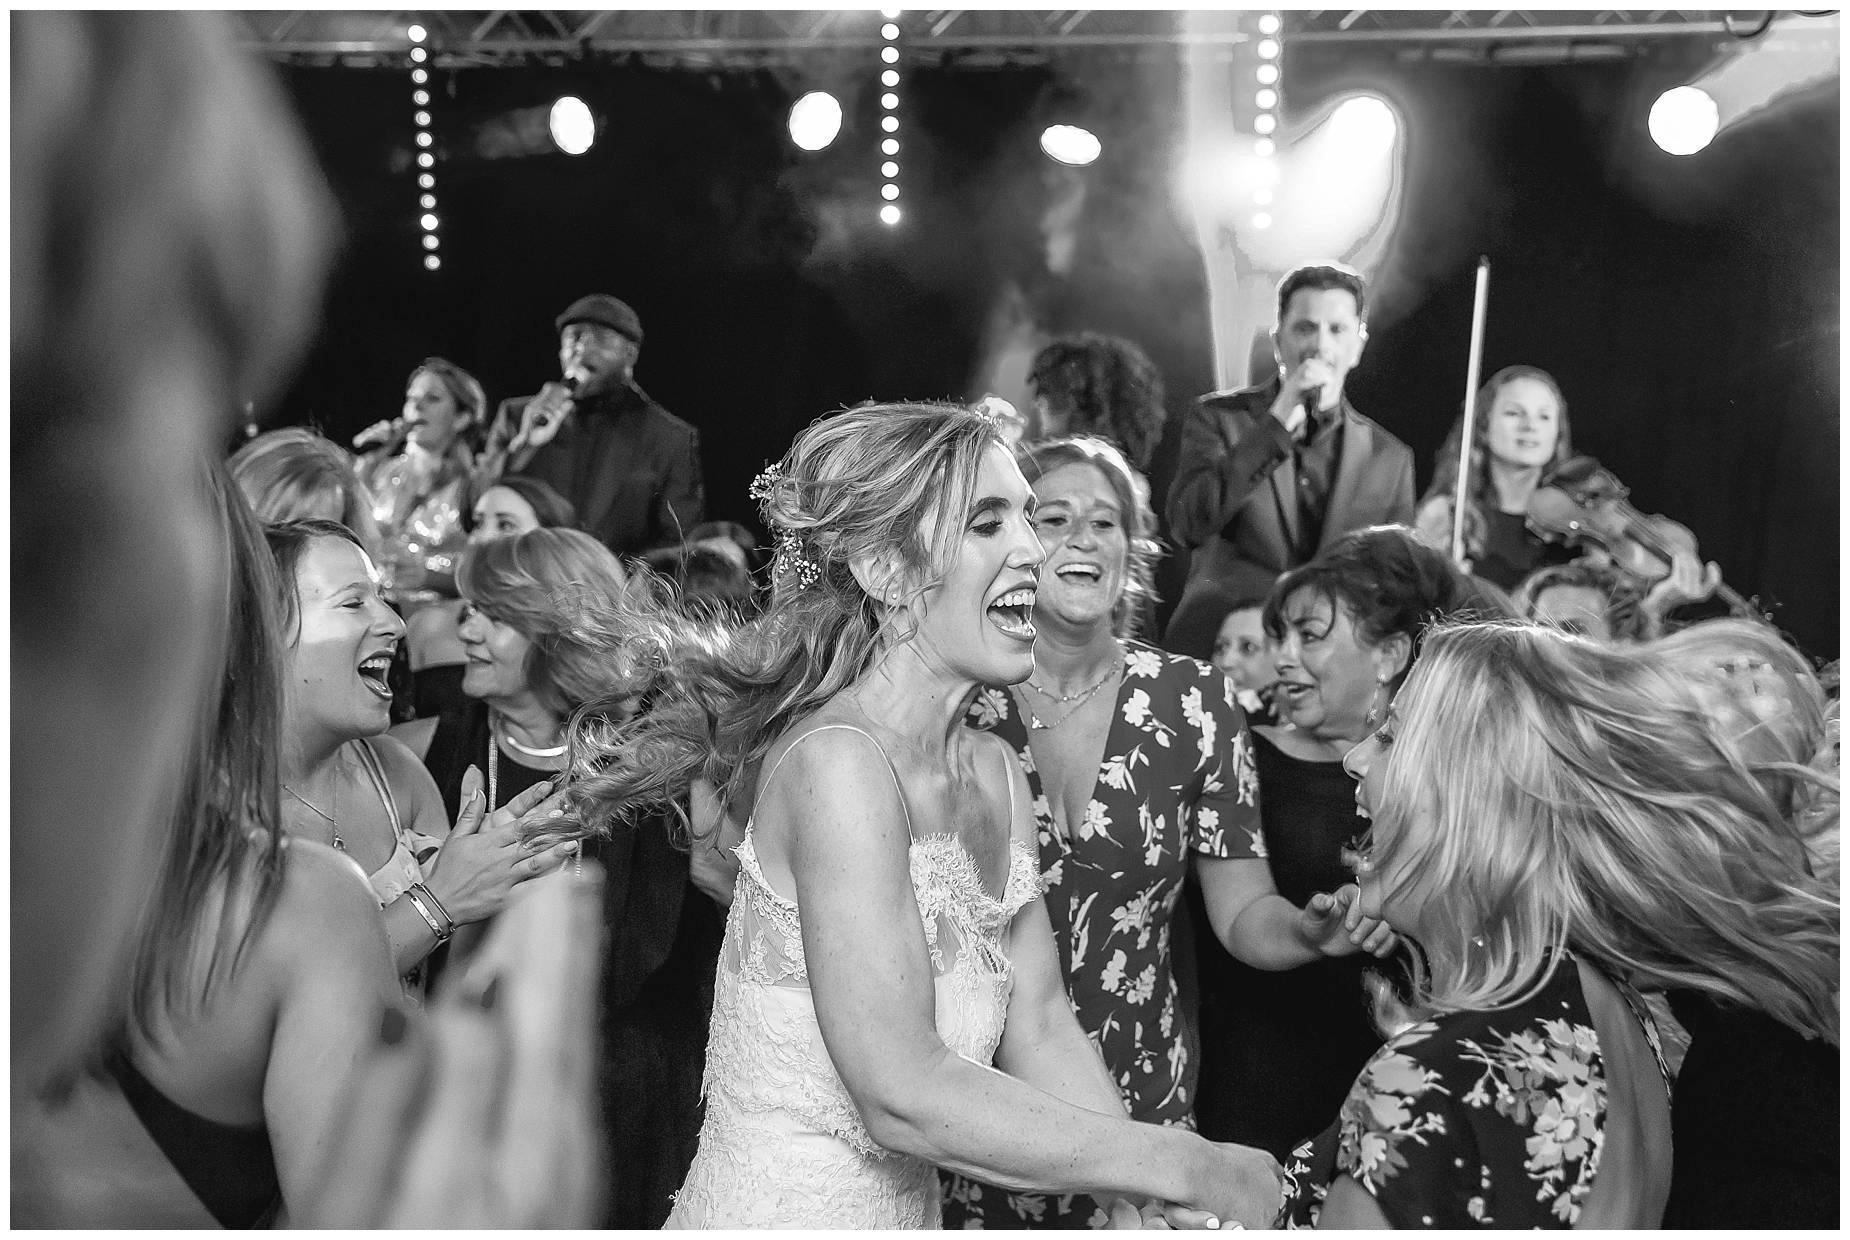 jewish dancing at wedding